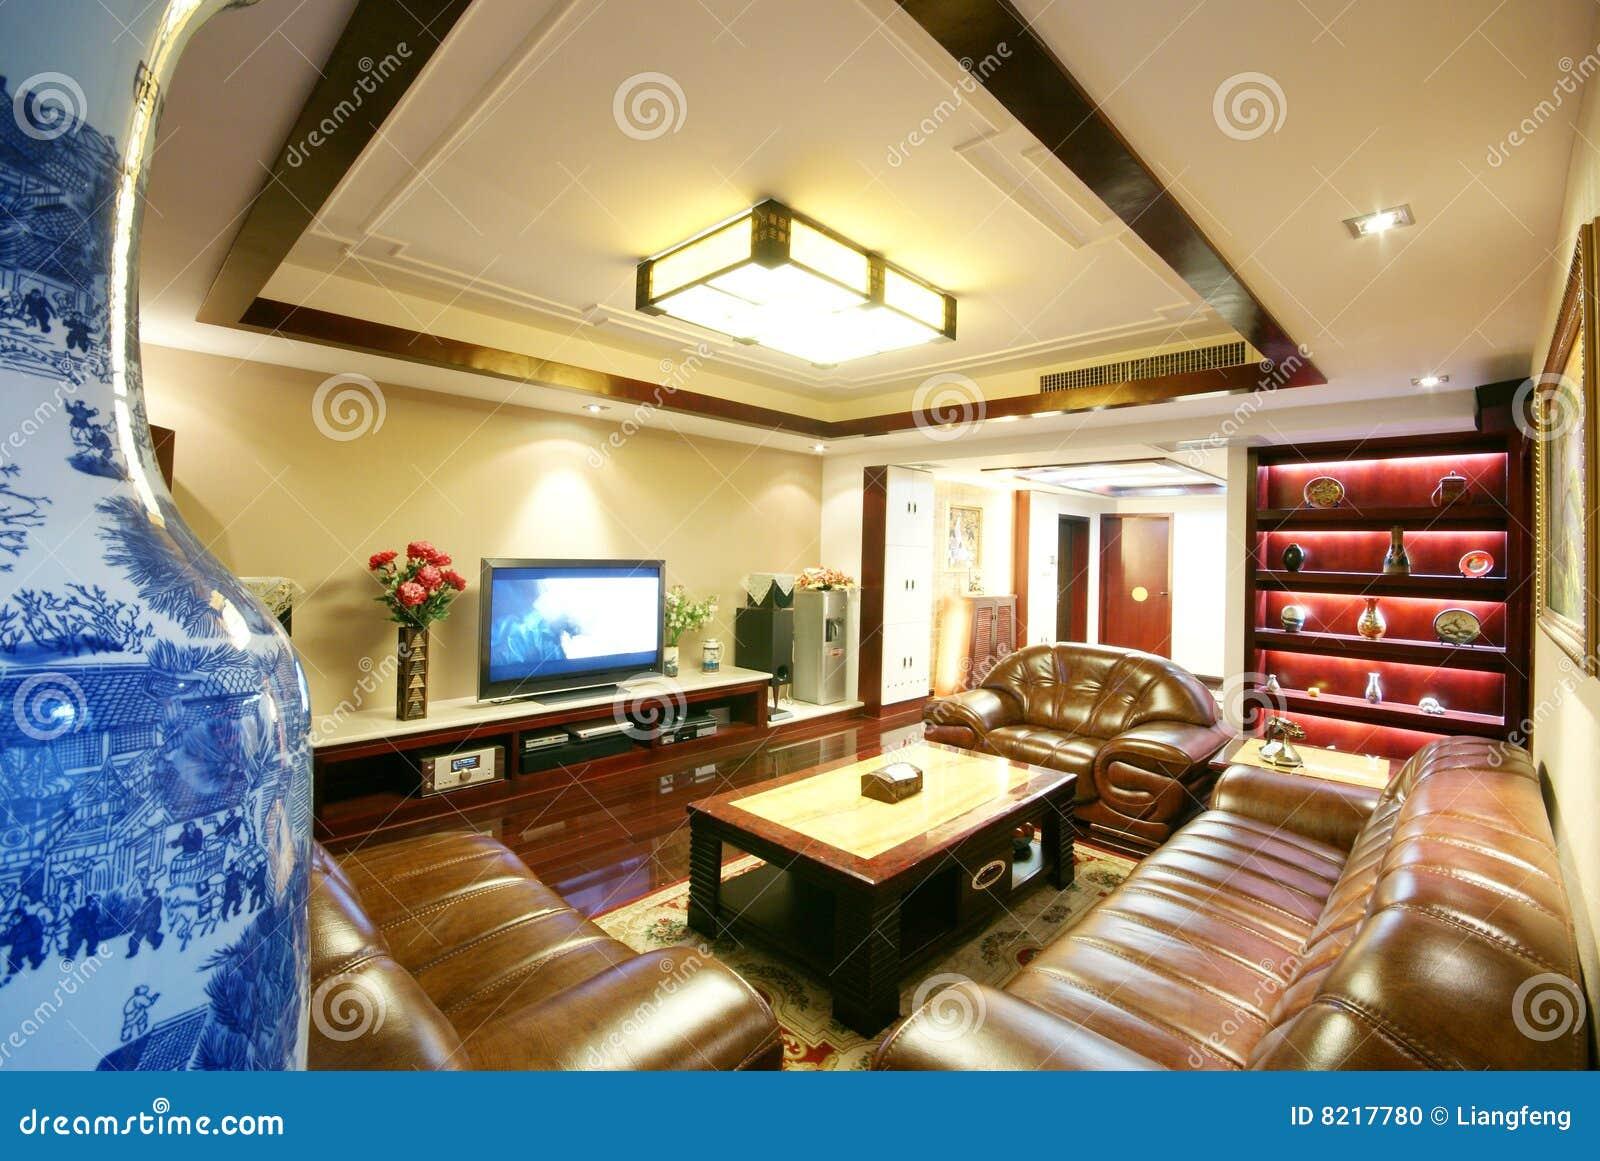 Decoración única y casa cómoda